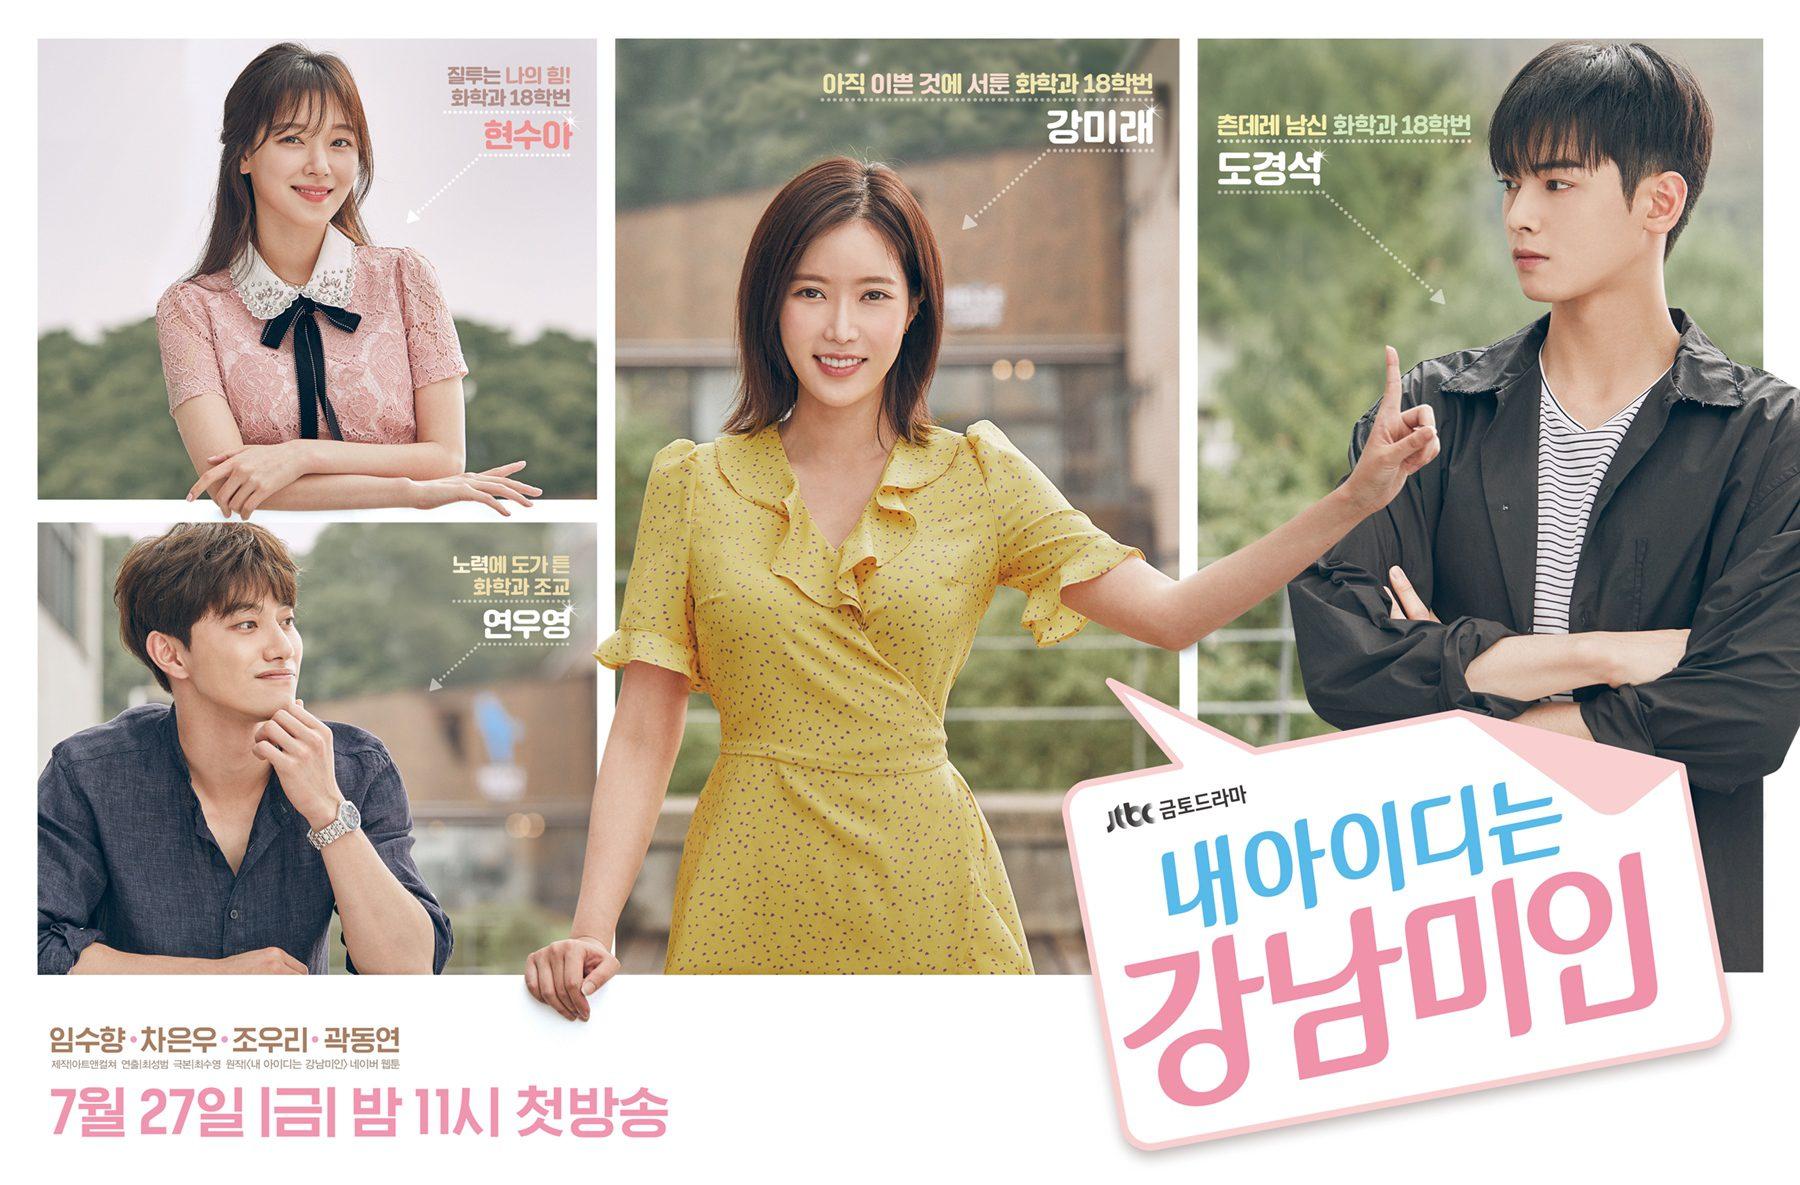 เรื่องย่อซีรีส์เกาหลี My ID Is Gangnam Beauty